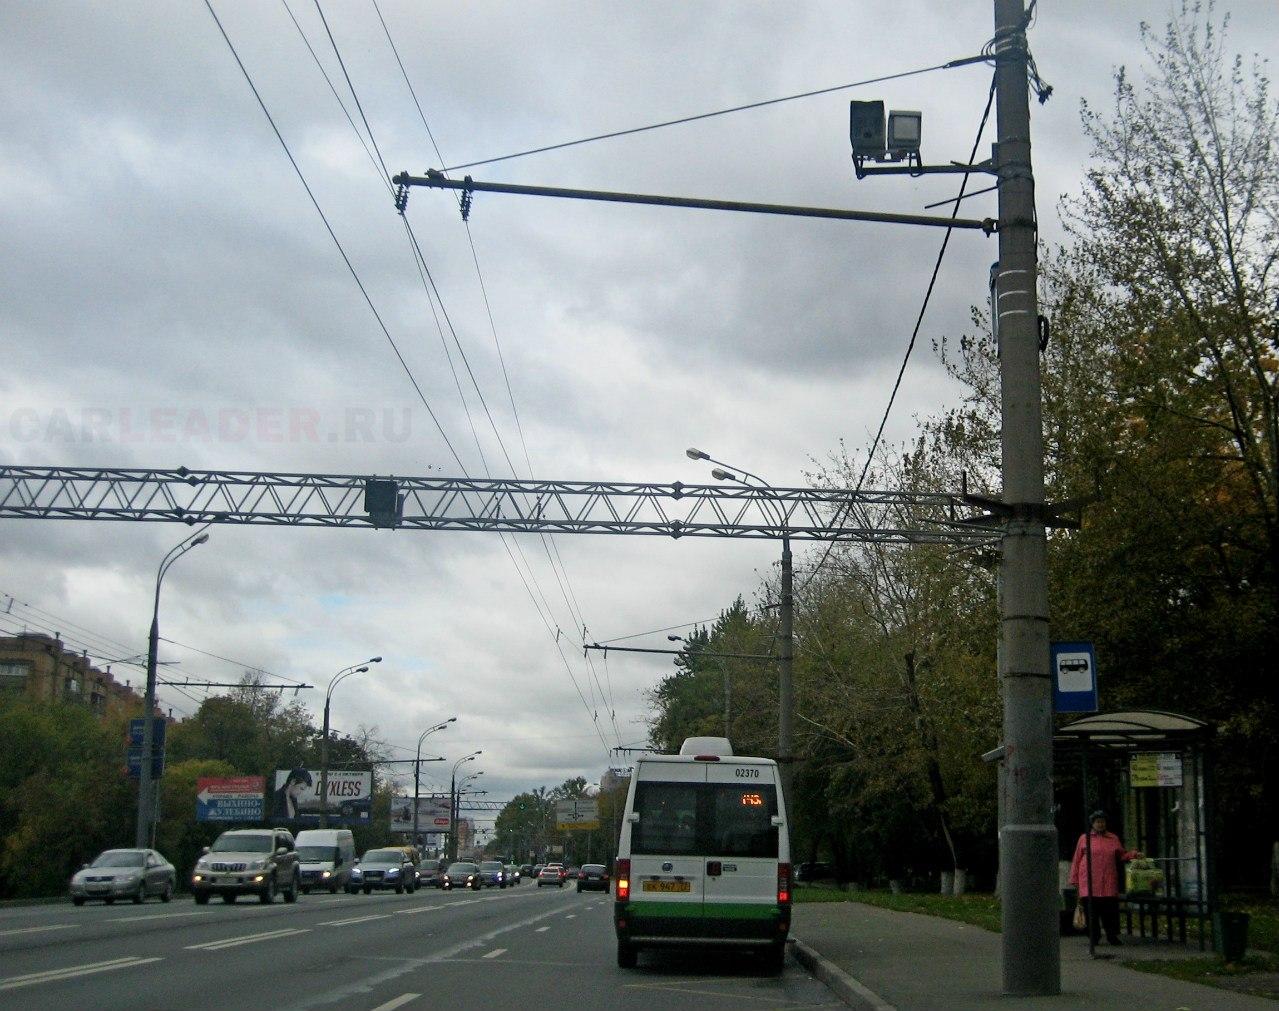 Две камеры ГИБДД: Рязанский проспект 91 к.1, остановка общественного транспорта